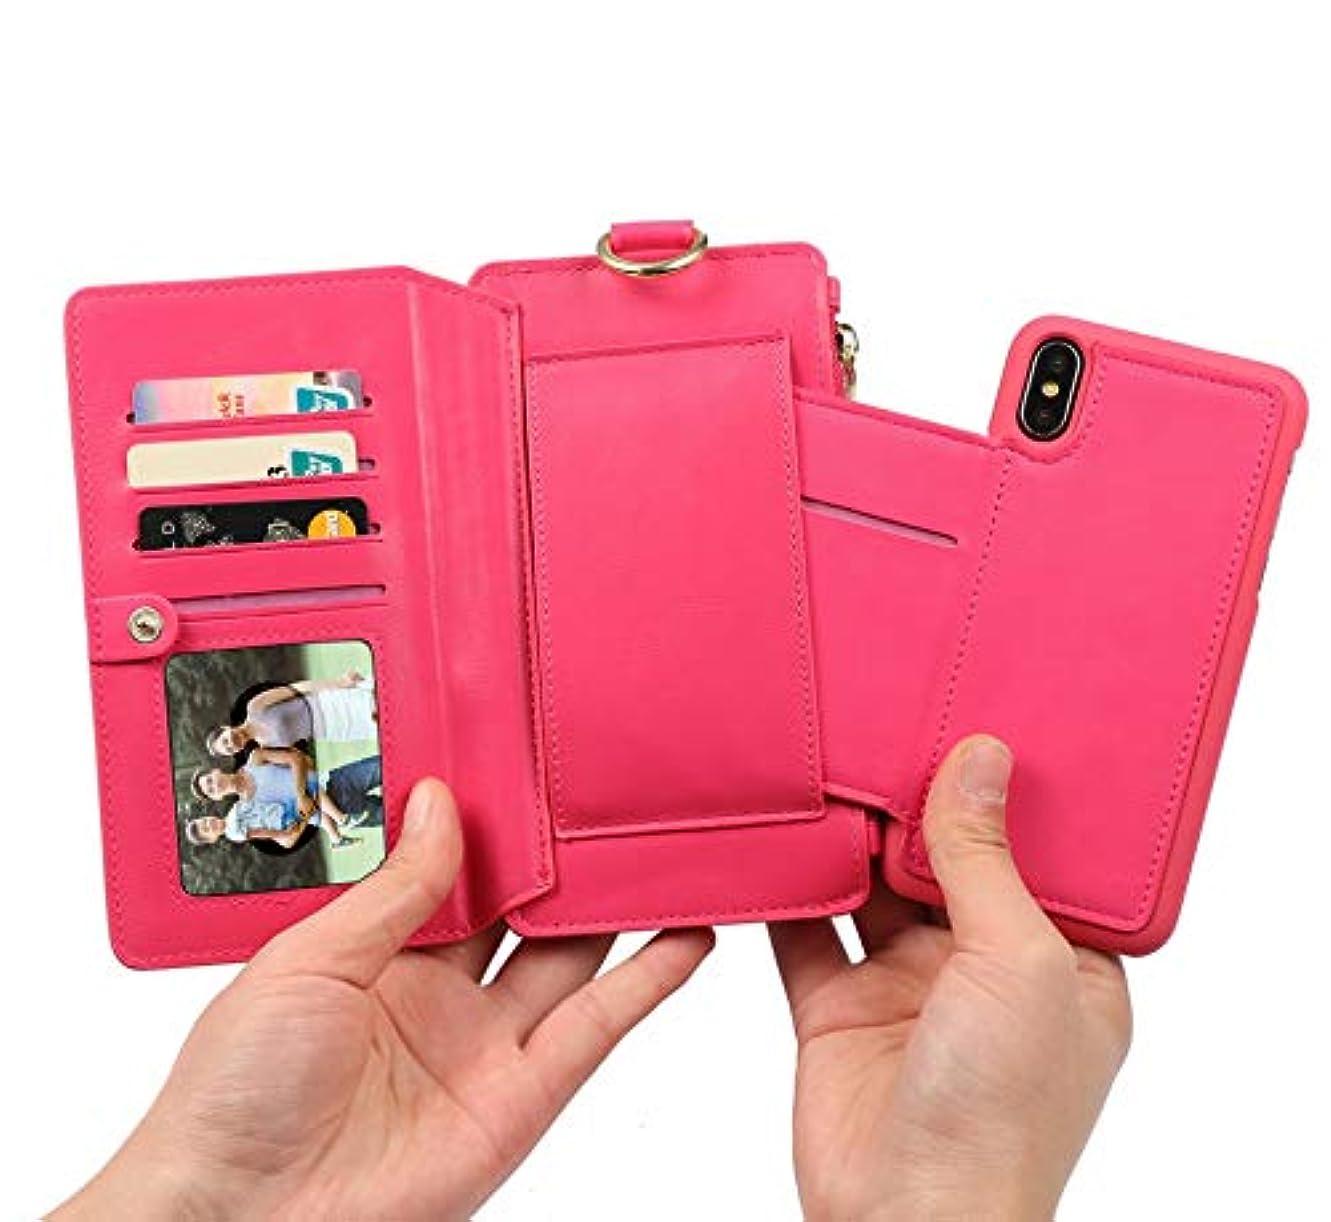 プロポーショナル軽く一節iPhone 8 Plus パソコンExit包保護套 - 折りたたみ保護袖 - 立ちブラケット-ビジネススタイル-全身保護-内殻金属リング-12札入れ-相枠-取り外し可能な電話ケース財布 5.5インチiPhone 7 Plus...